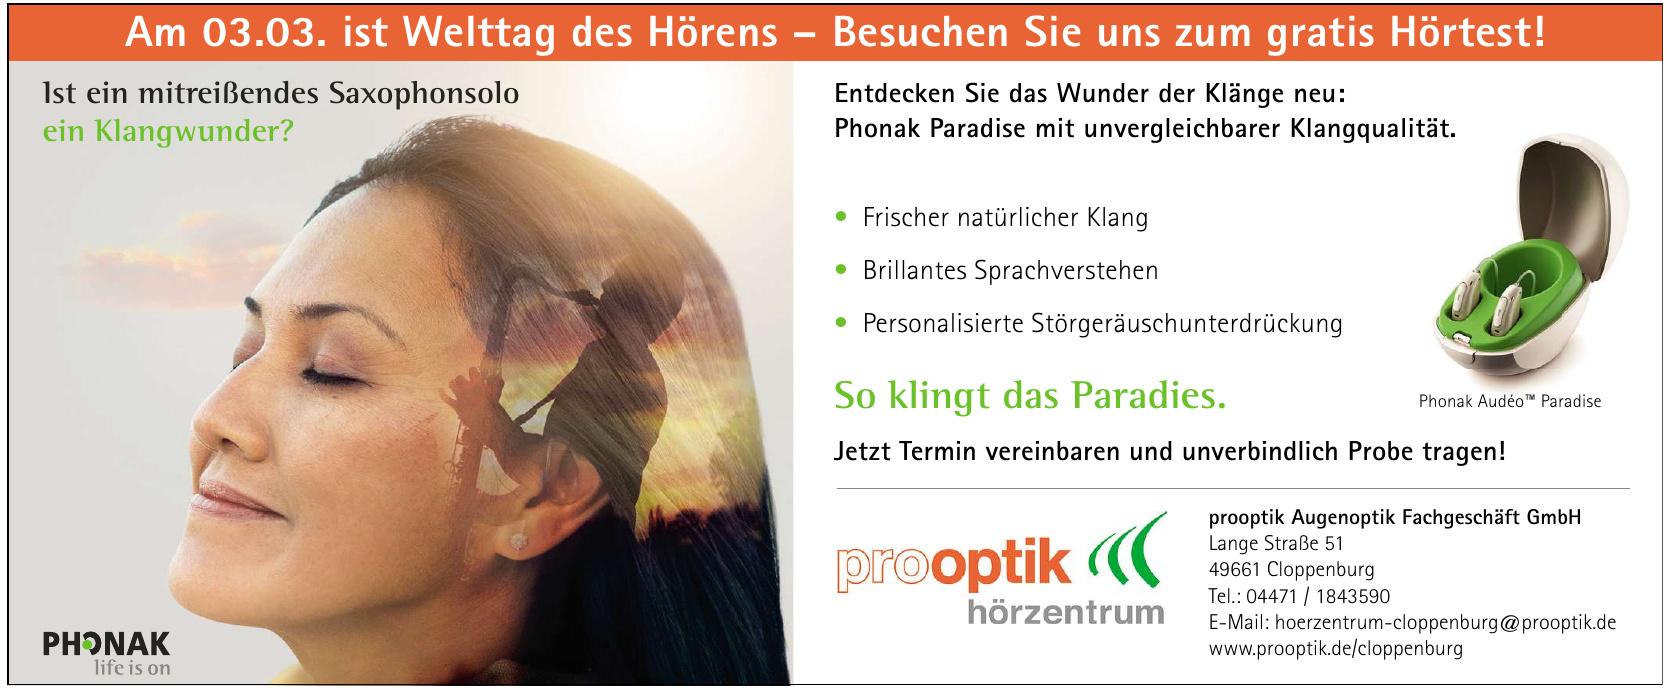 prooptik Augenoptik Fachgeschäft GmbH